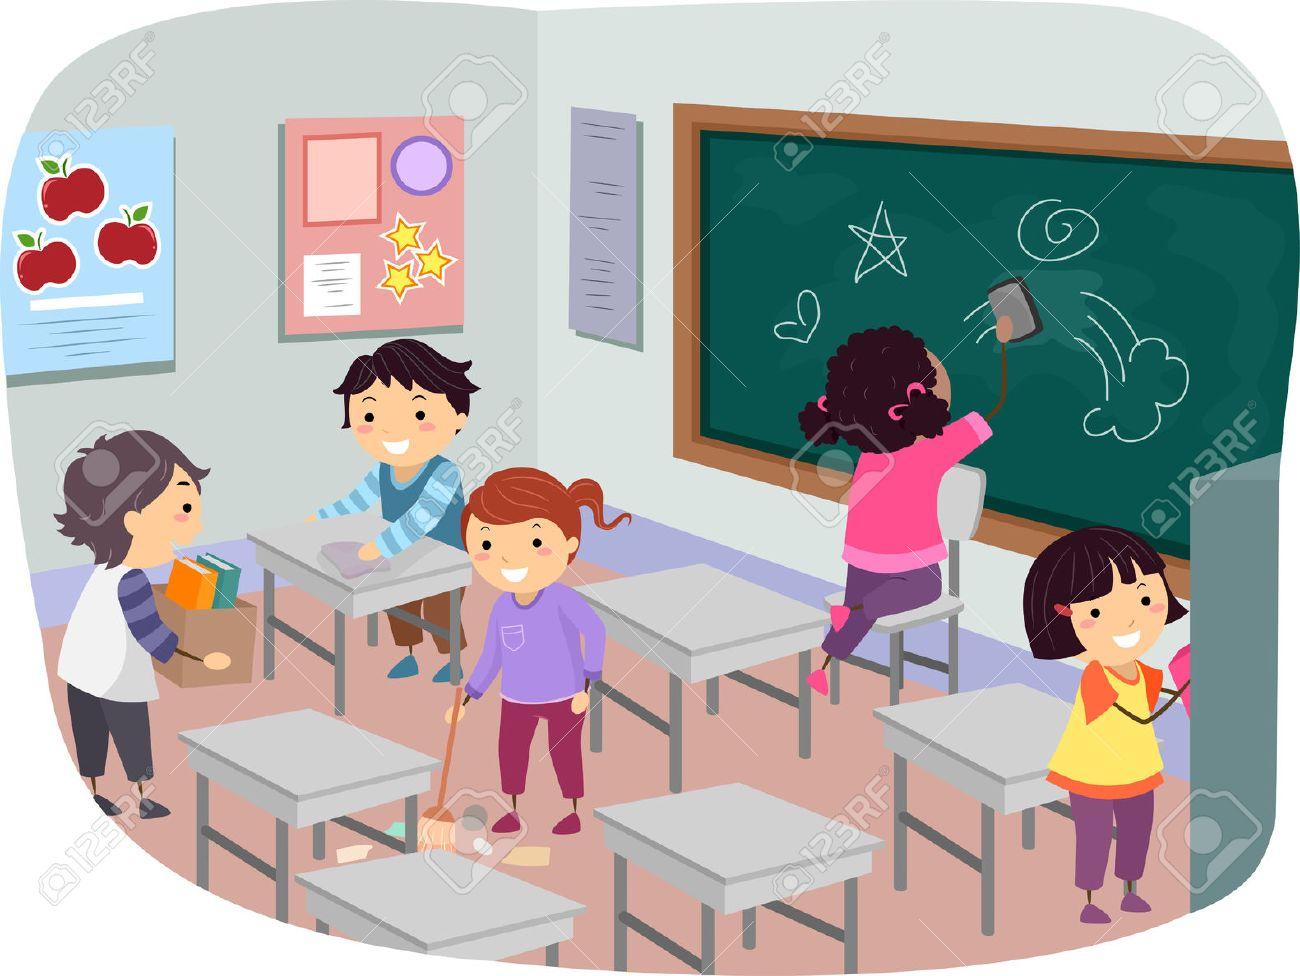 教室で一緒に掃除棒人間子供のイラスト の写真素材画像素材 Image